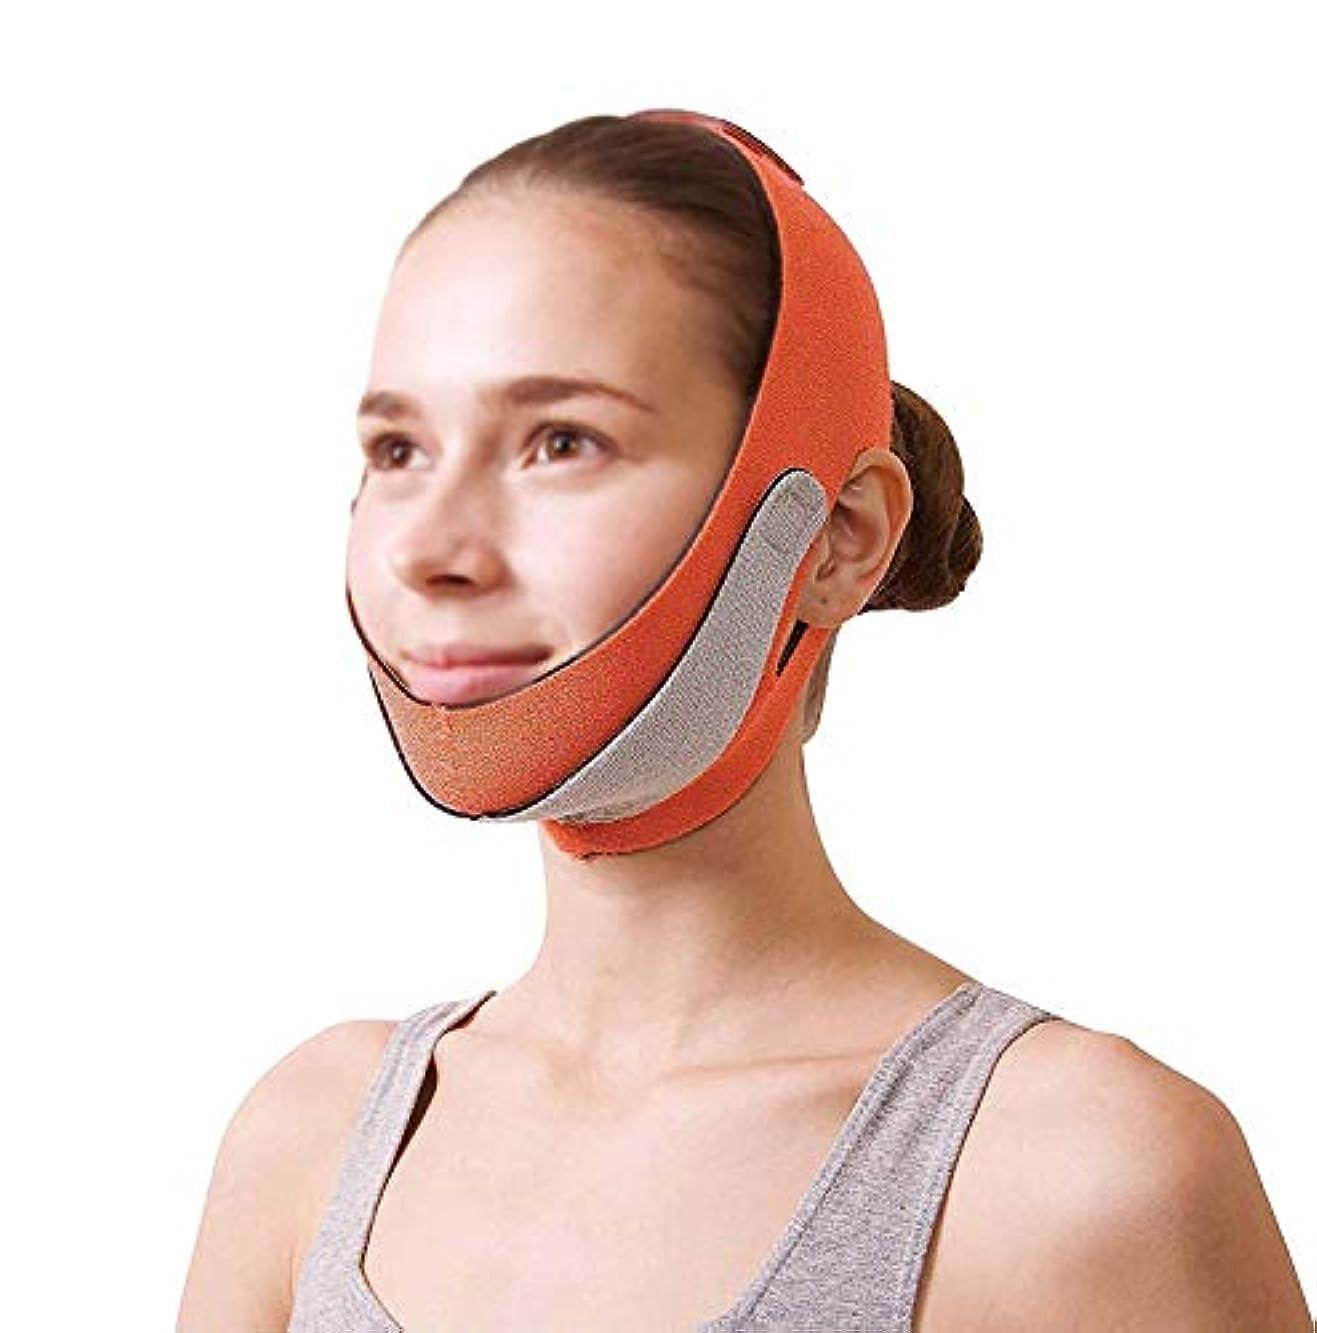 効率外向きオークランドフェイスリフトマスク、あごストラップ回復ポスト包帯ヘッドギアフェイスマスク顔薄いフェイスマスクアーティファクト美容顔と首リフトオレンジマスク